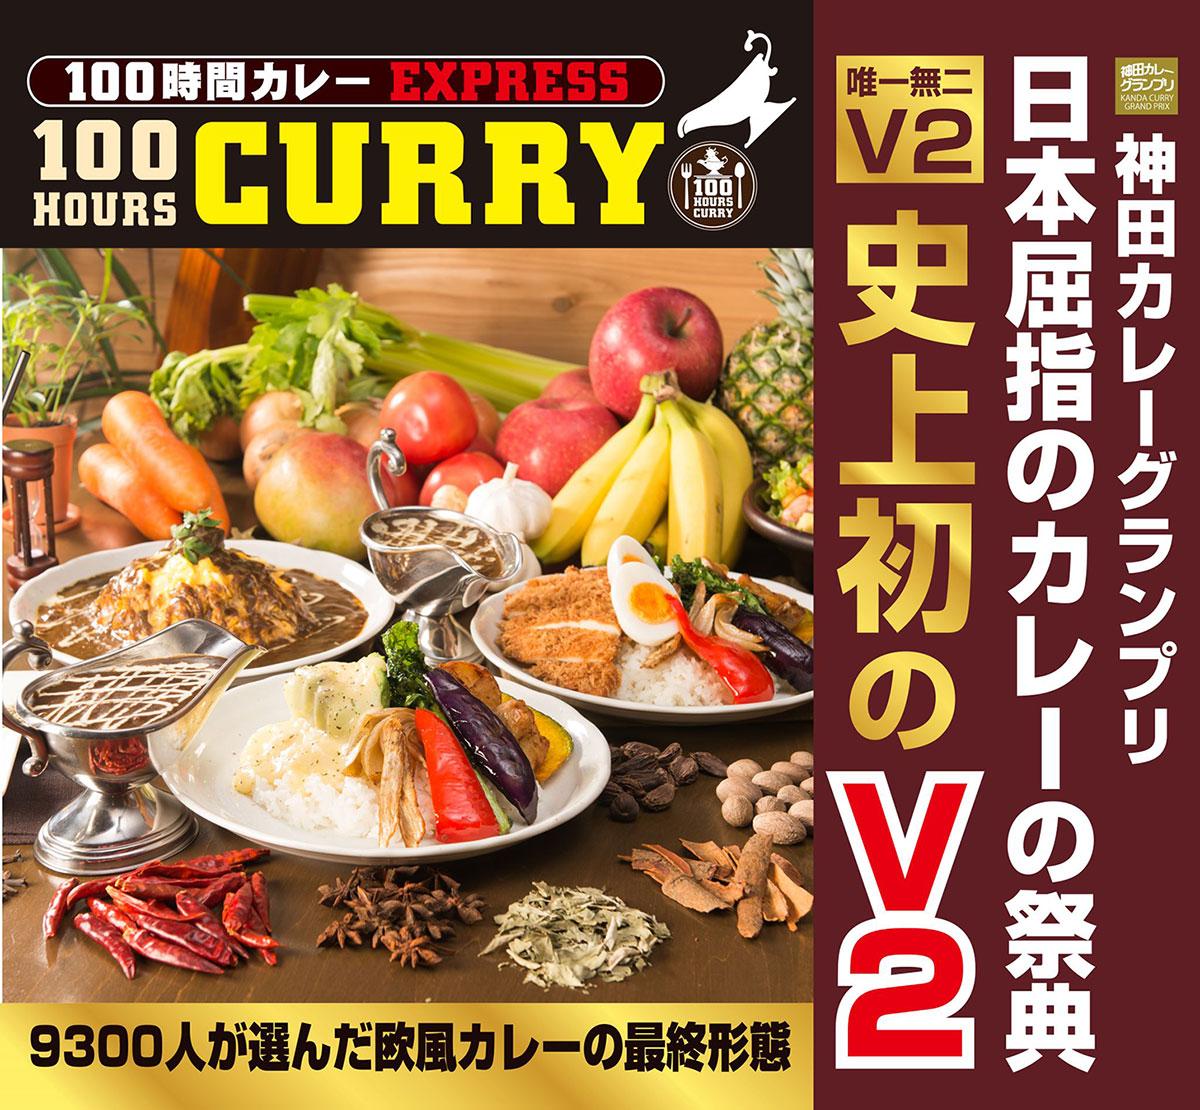 100時間カレー、ららぽーと横浜に横浜初出店!神田カレーGPでV2の本格カレー専門店